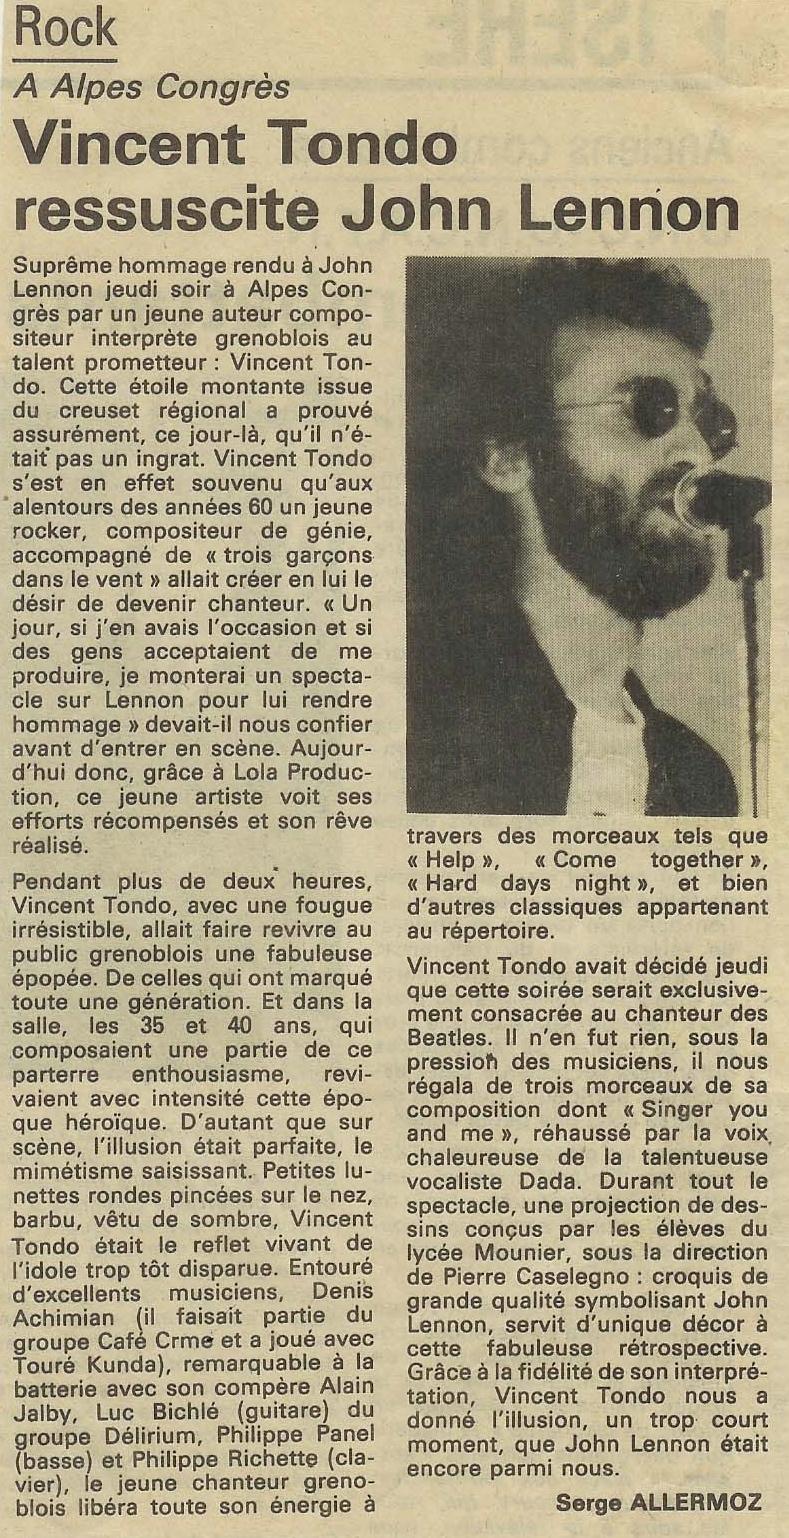 Vincent Tondo - John Lennon